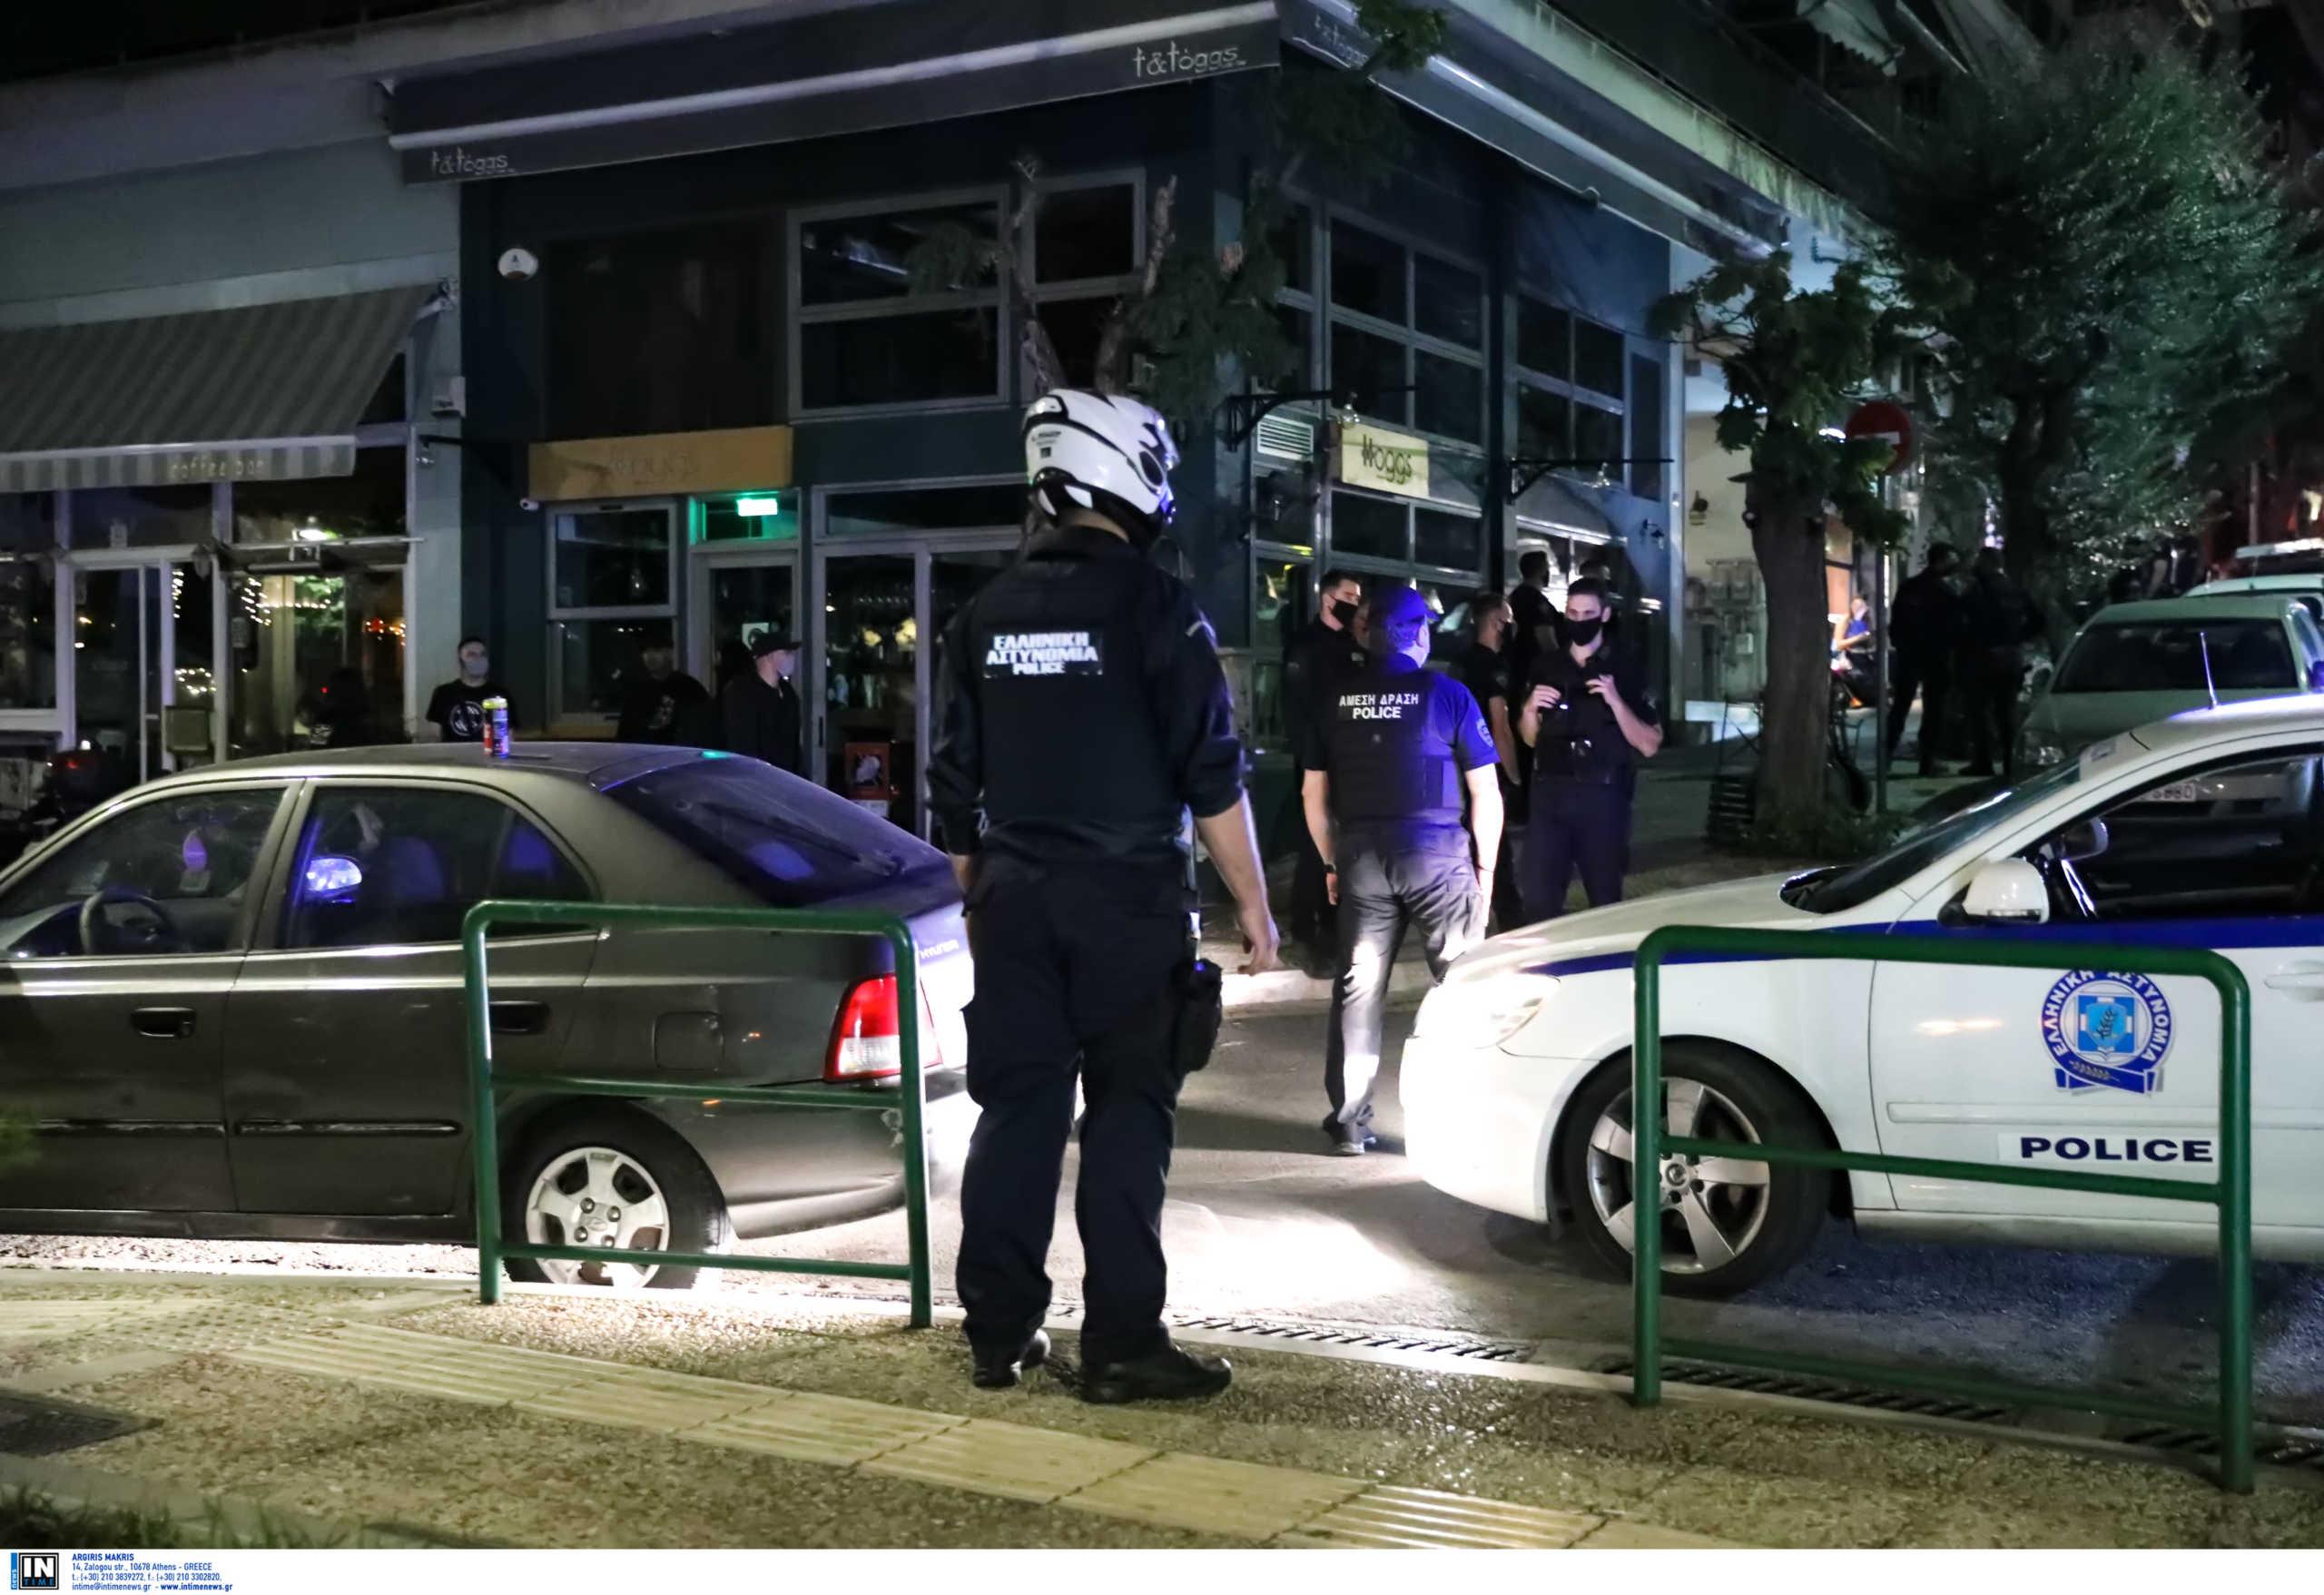 Κορονοϊός: Πρόστιμα 151.500 ευρώ για μη τήρηση των μέτρων – Πάνω από 1.300 παραβάσεις